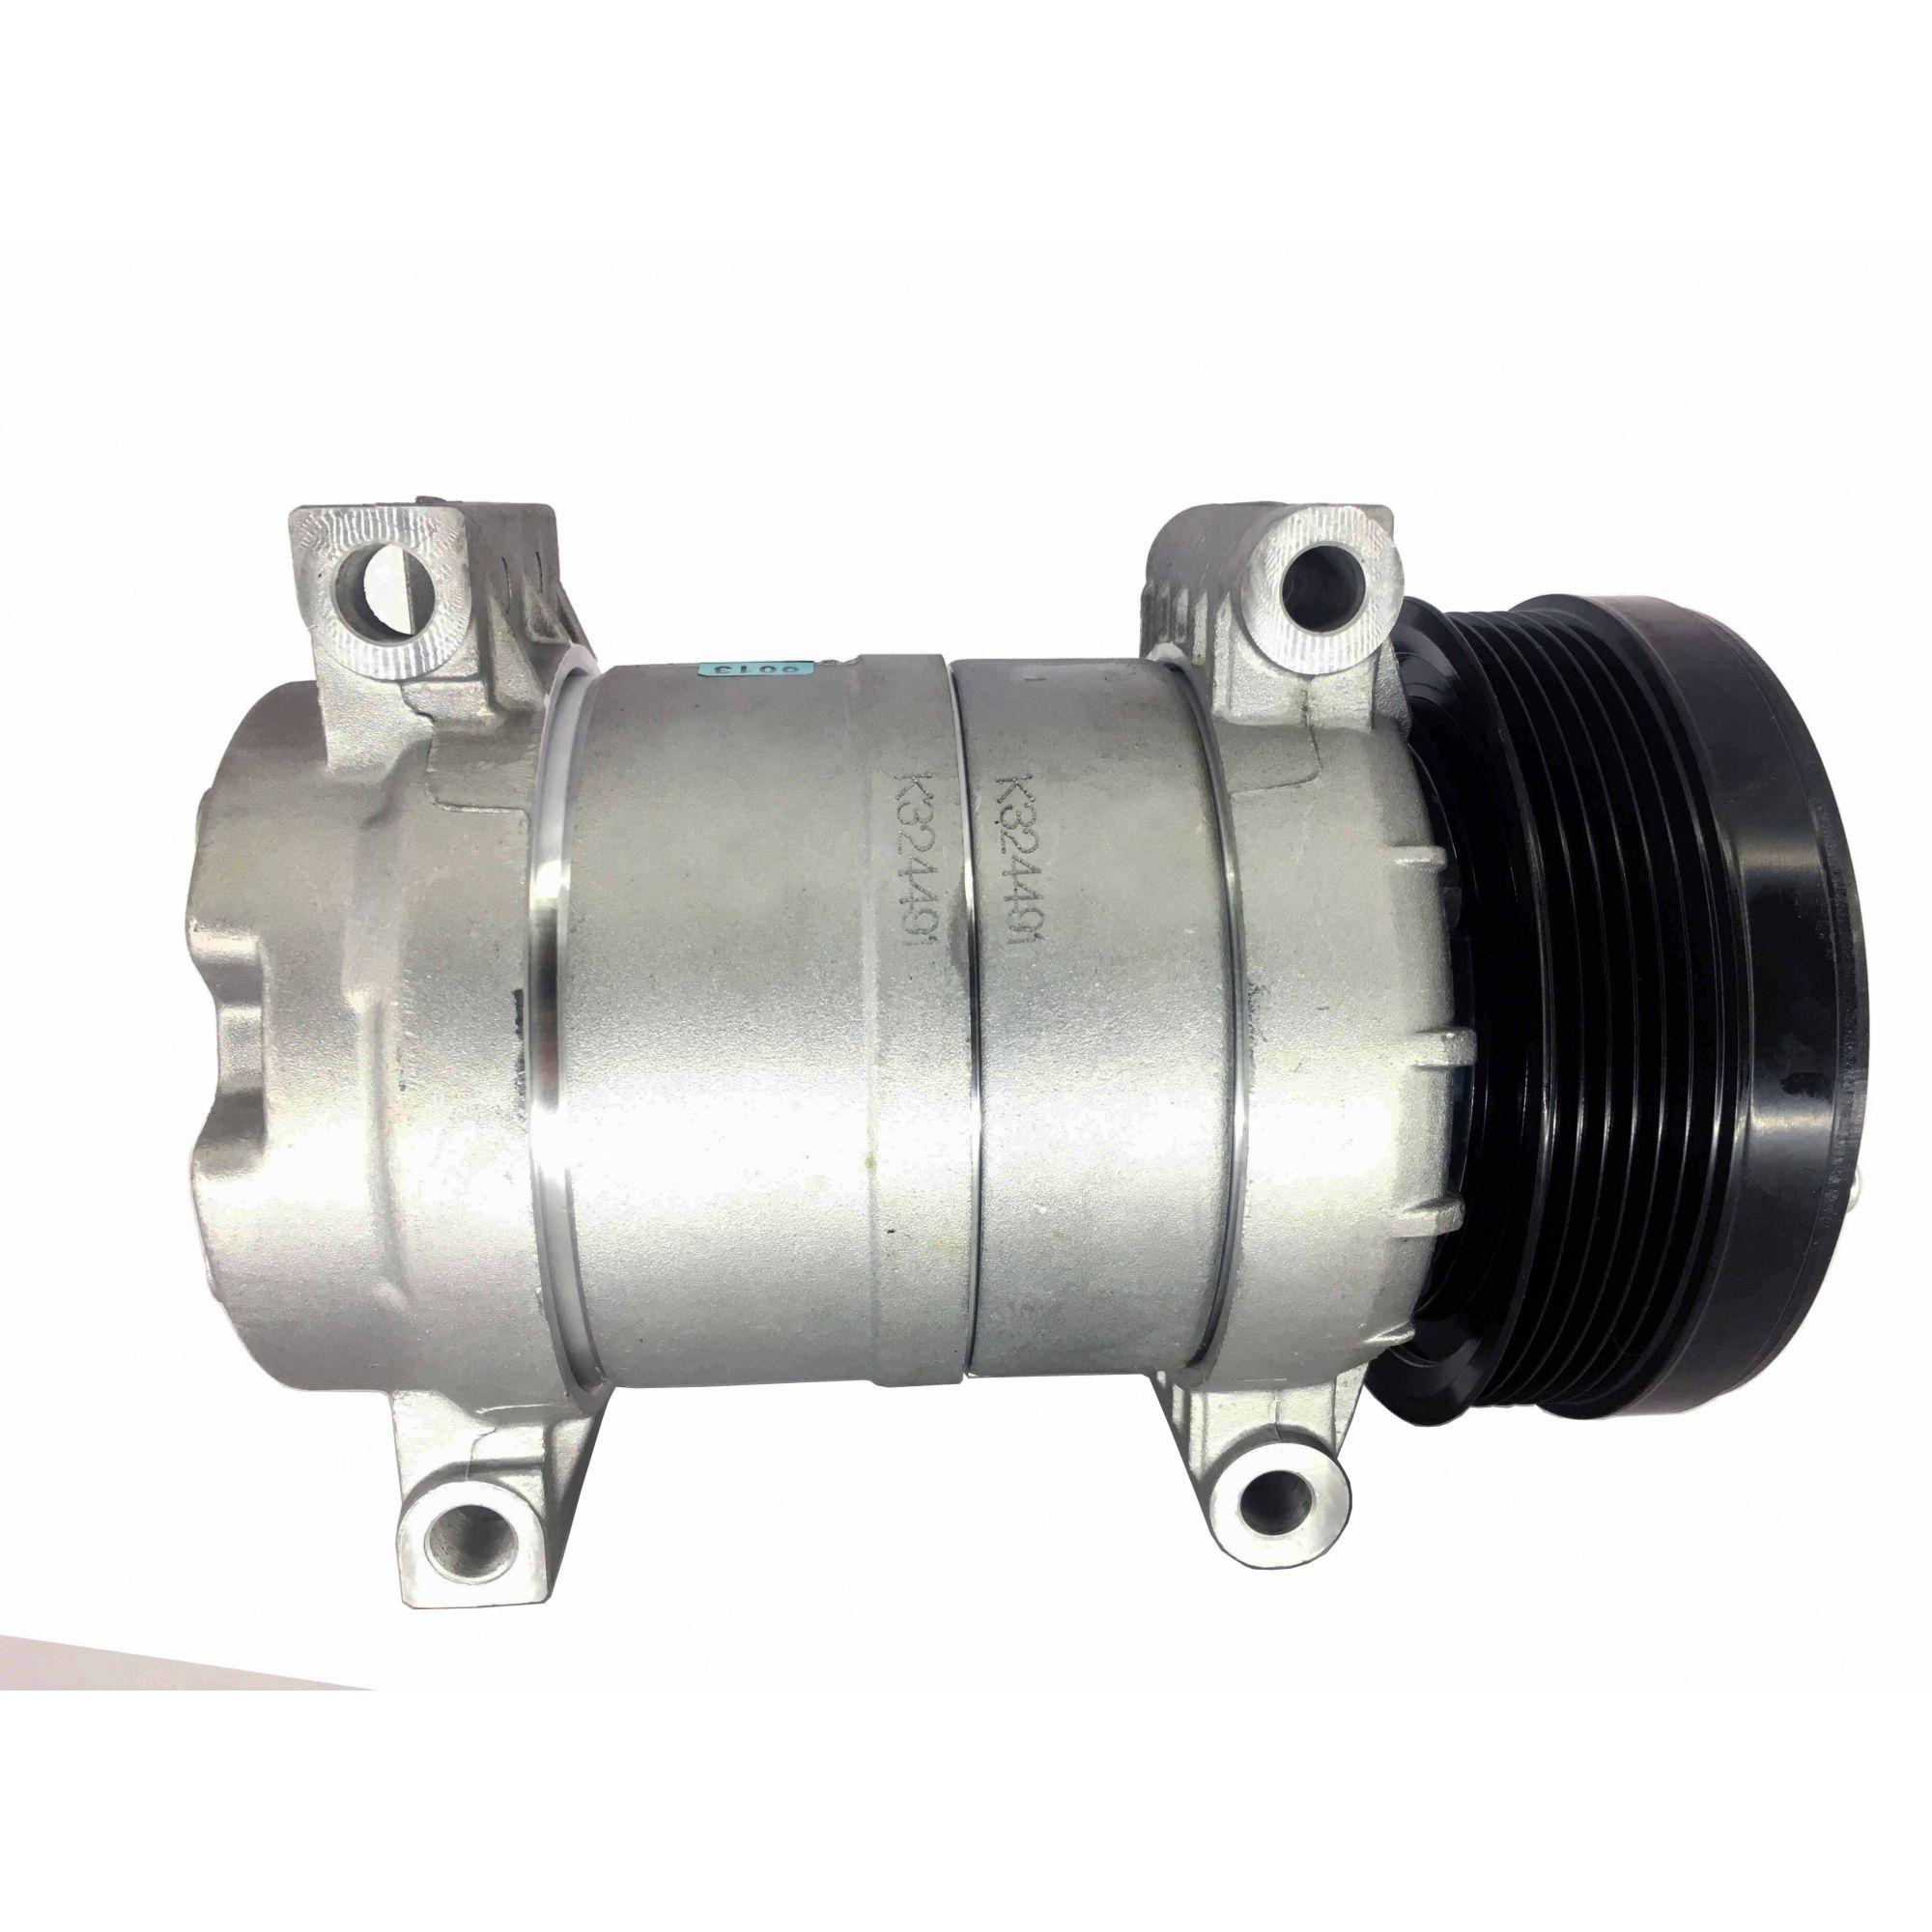 Compressor S10 / Blazer 4.3 V6 + Brinde - Original DELPHI